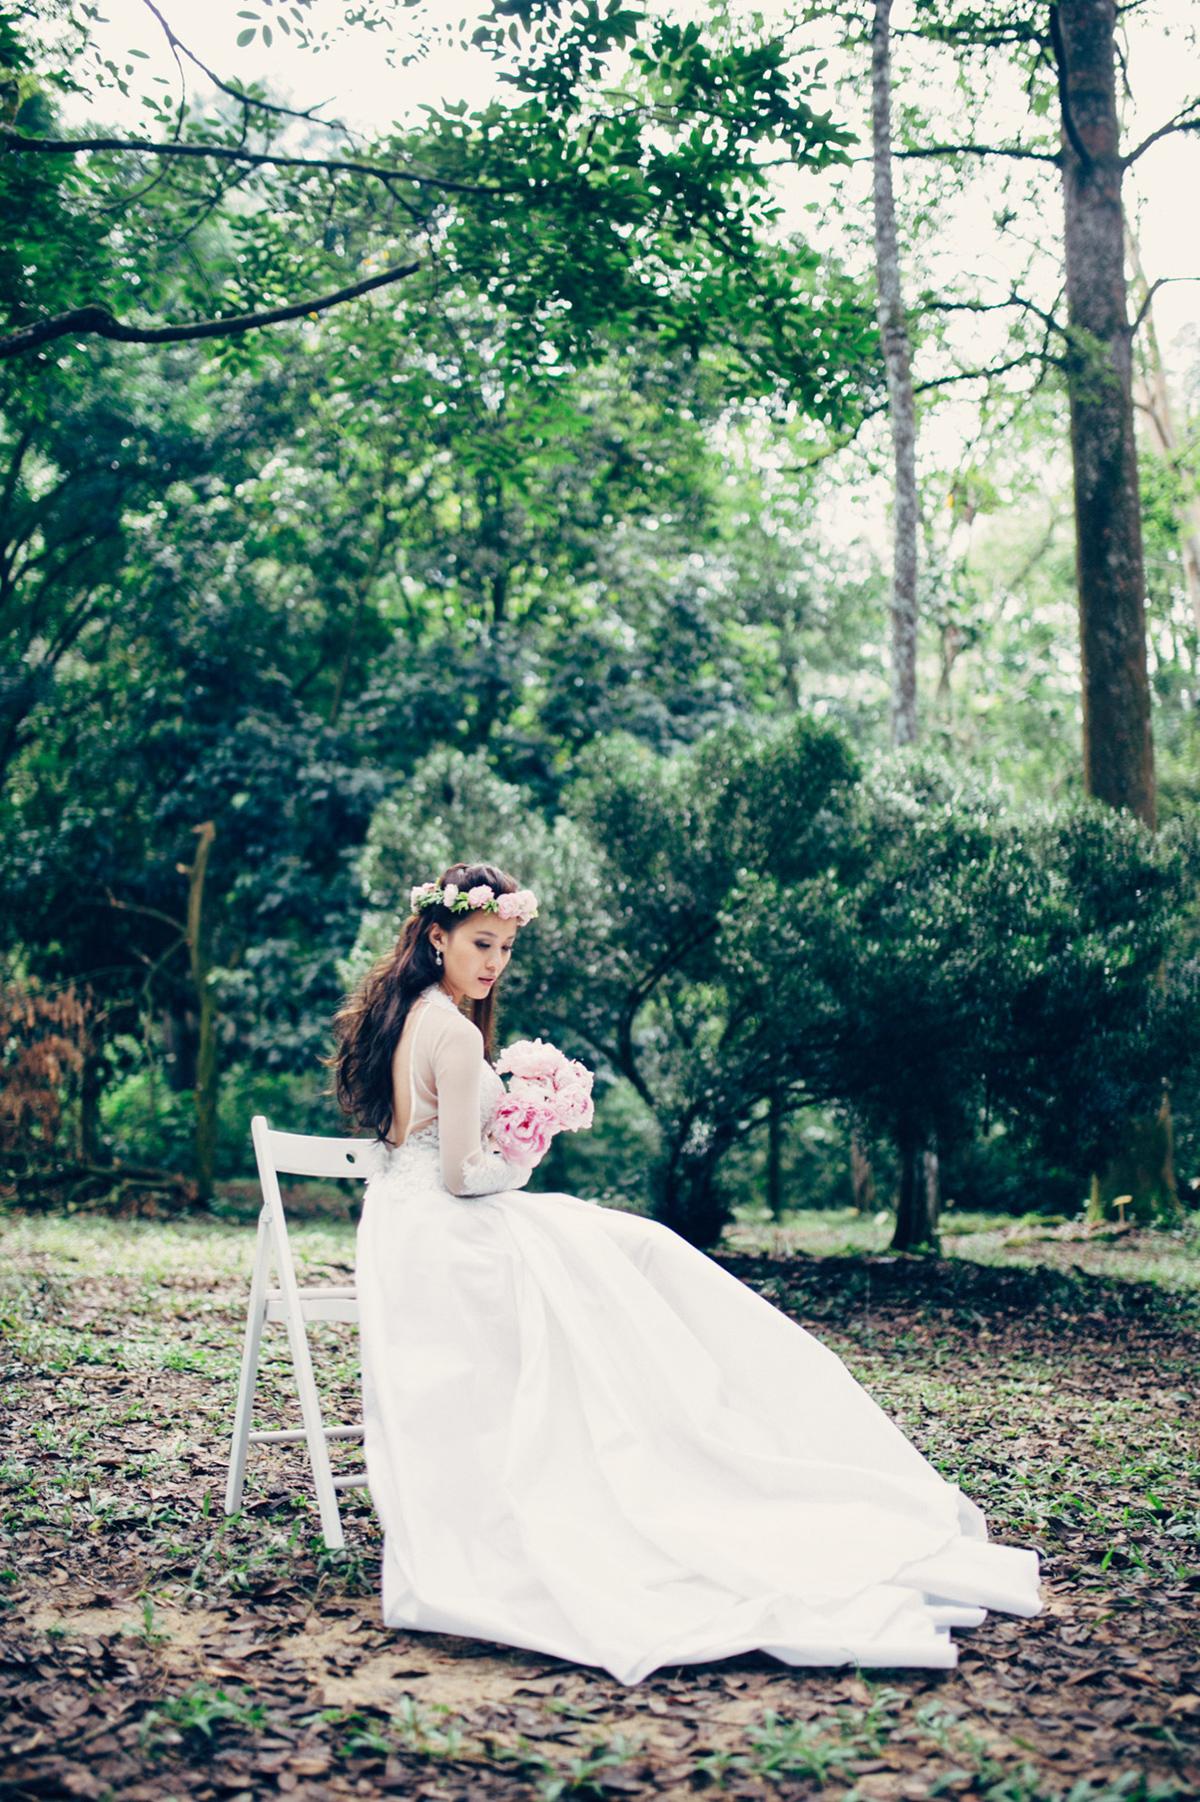 16-hellojanelee-malaysia-prewedding-frim-suvenn-penang-whimsical-vintage